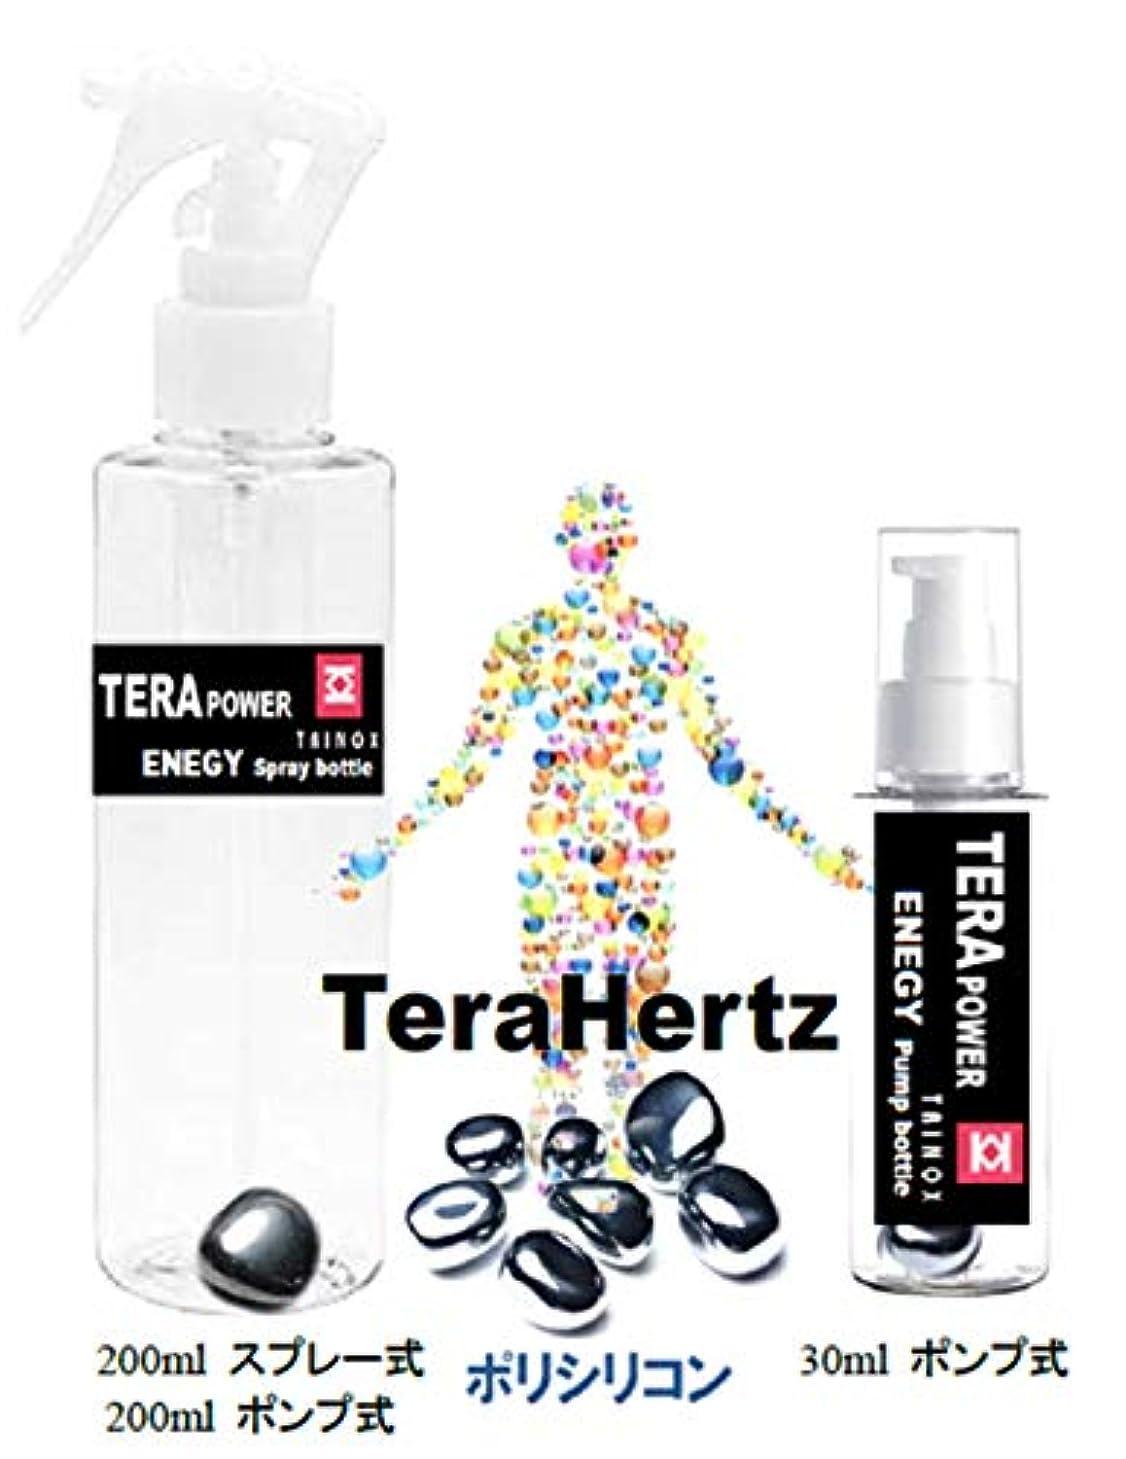 コードキモい一時解雇するテラパワー エナジーボトル 振動機能水 200ml +30ml 血行促進 筋肉 リフレッシュ 筋肉痛 腰痛 肩こり